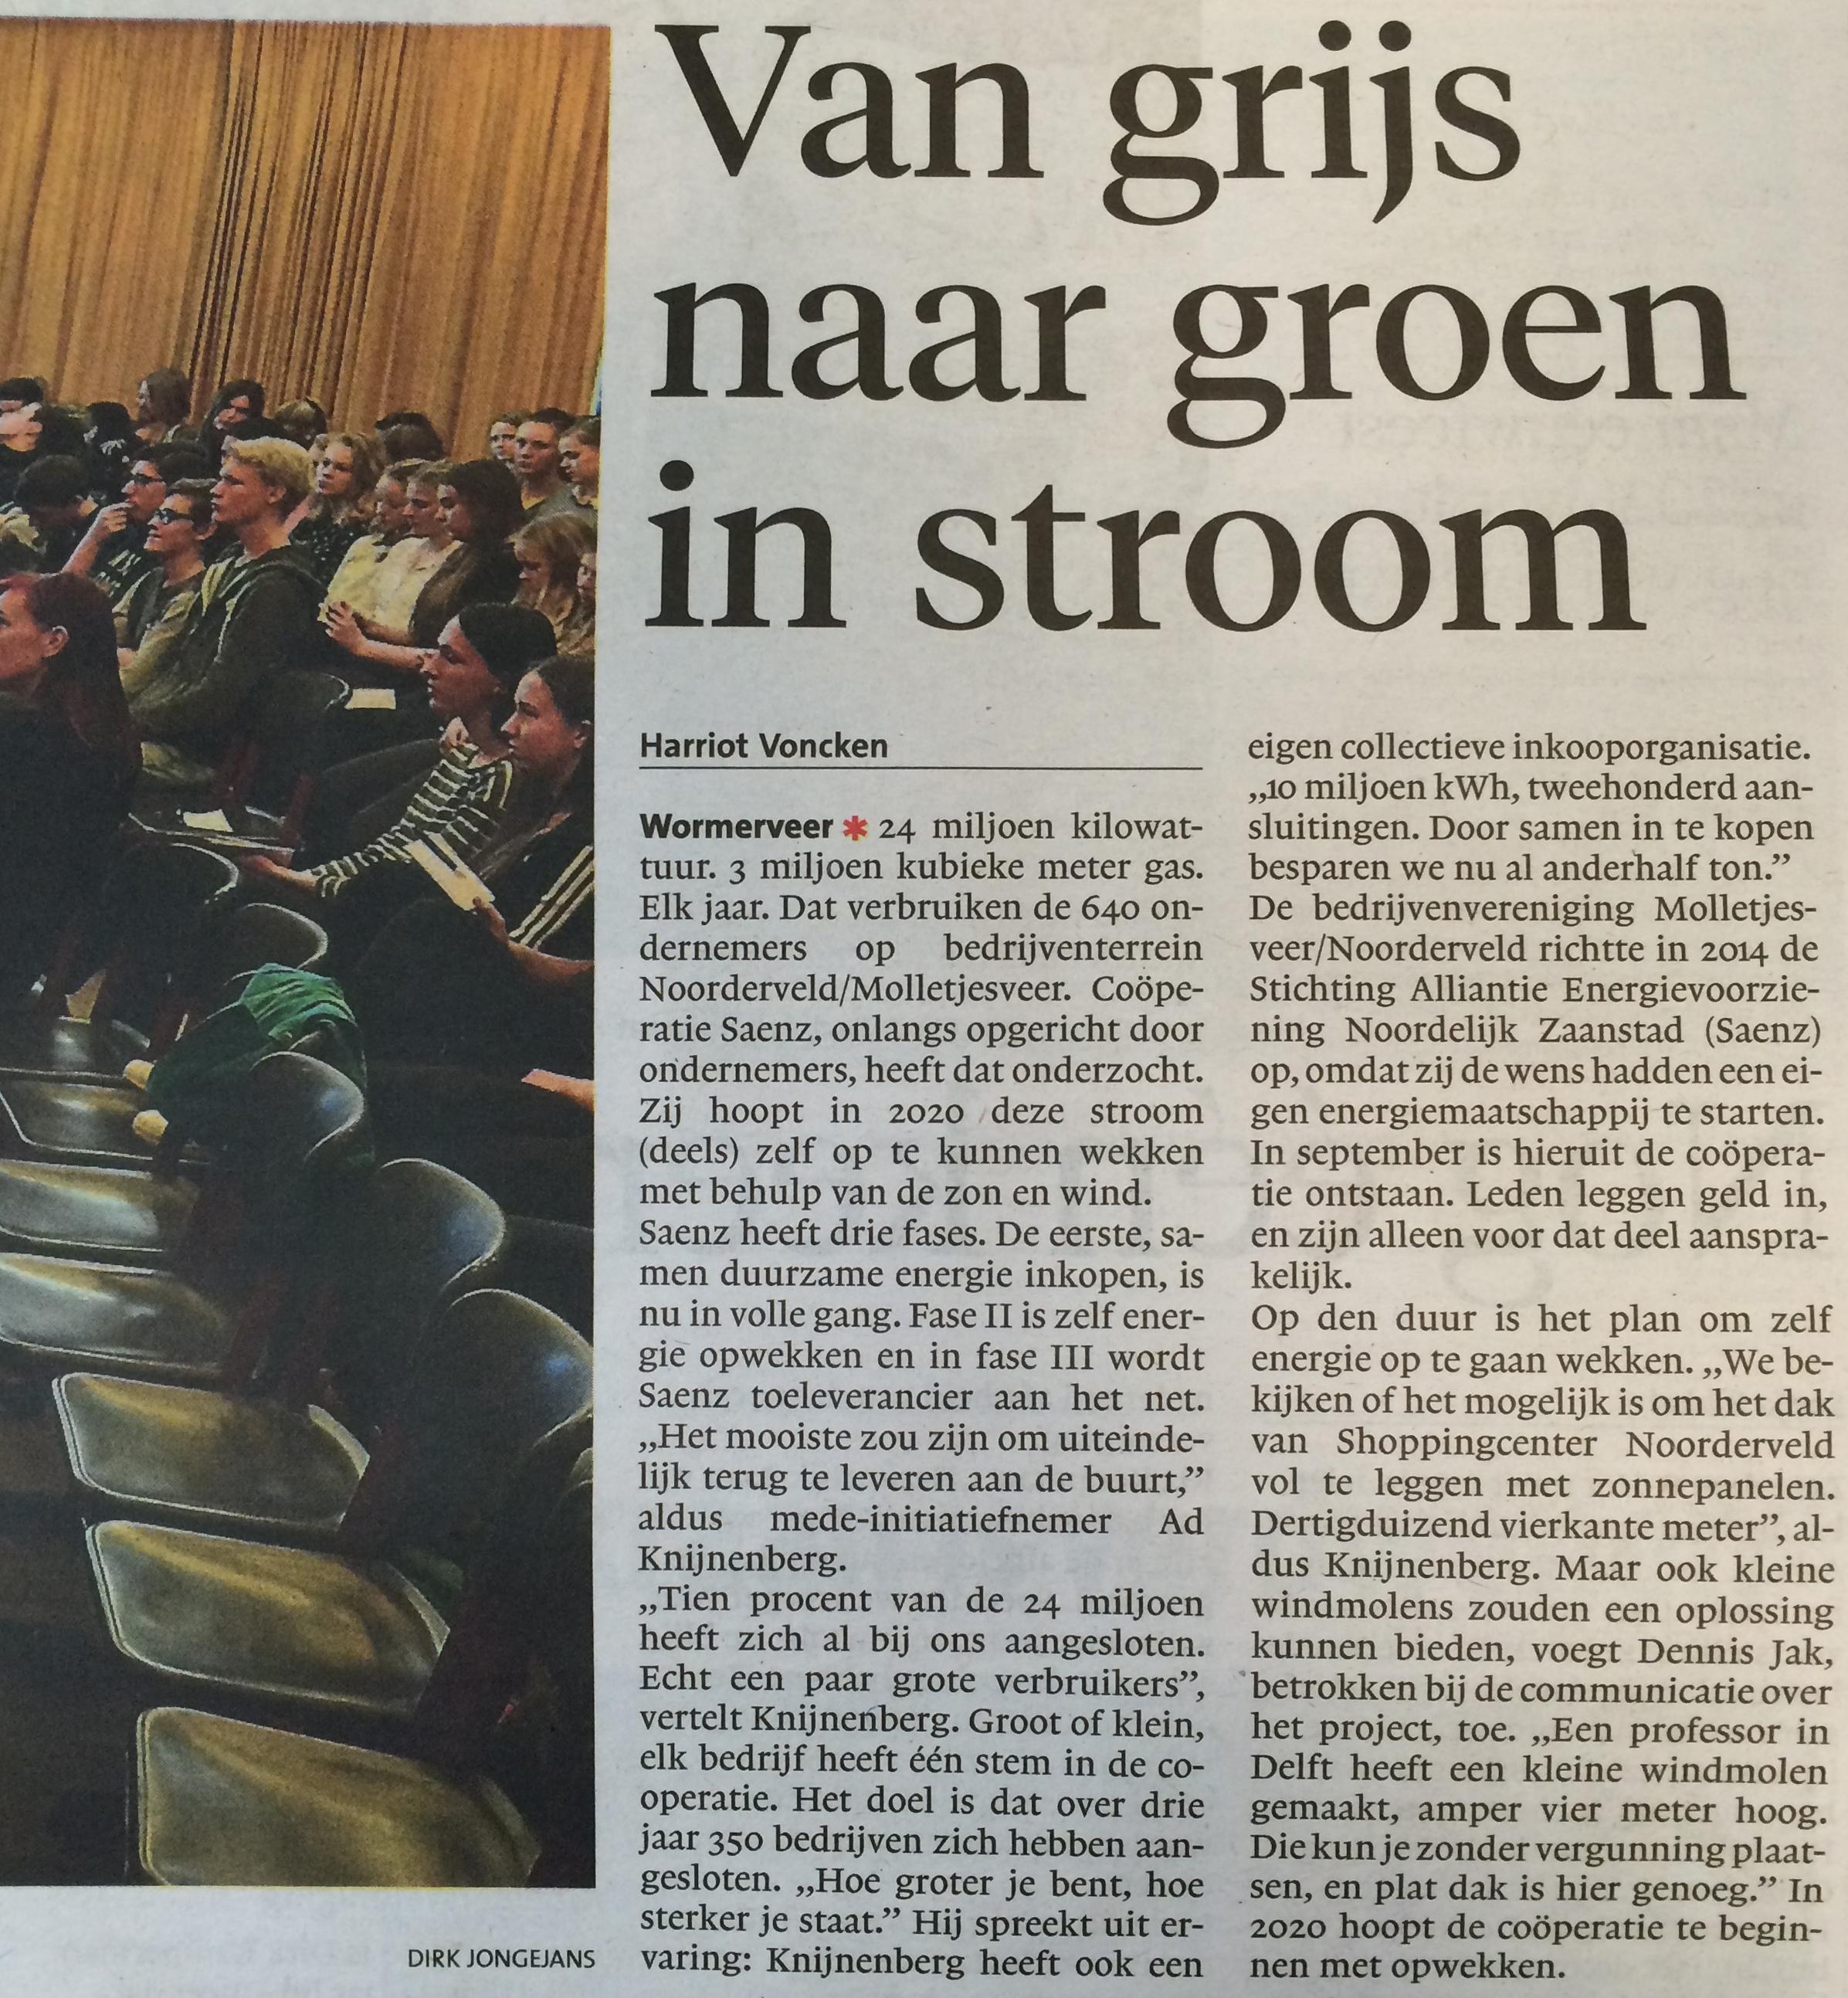 Ad-Knijnenberg-van-Saenz-aan-het-woord-in-het-Noord-Hollands-Dagblad-2-jaargeleden